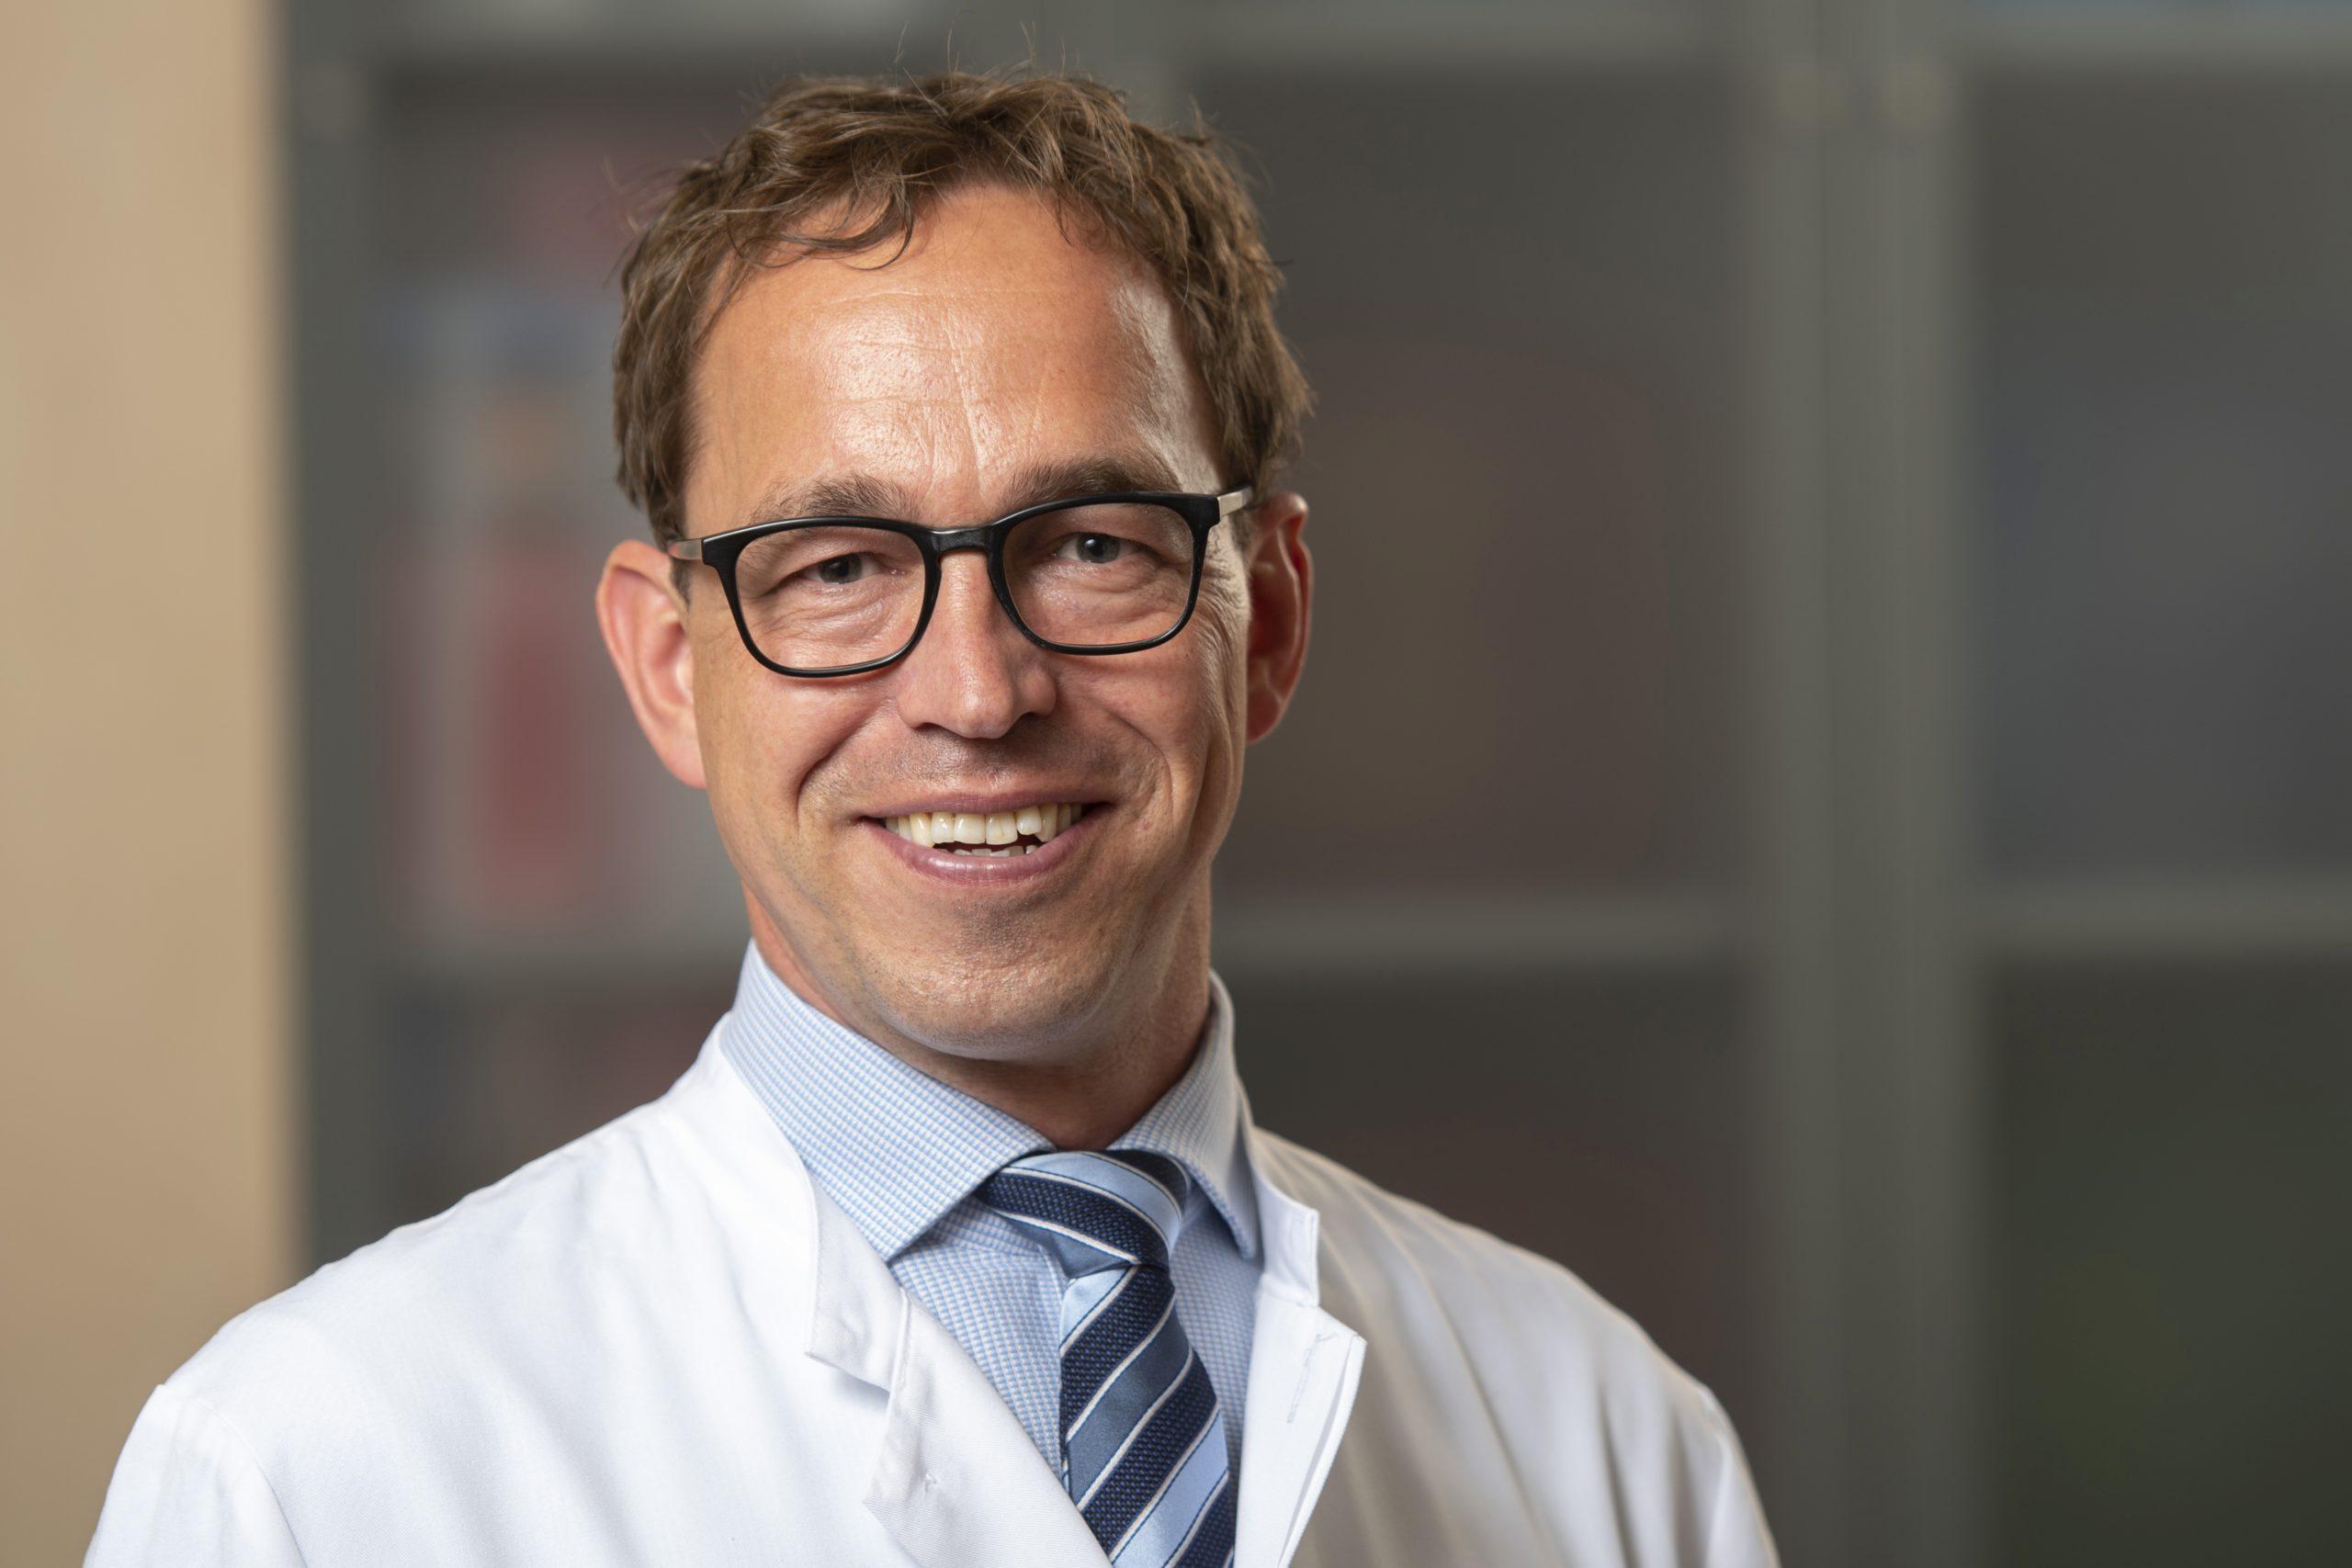 Dr. Degen ist neuer Chefarzt der Klinik für Kardiologie